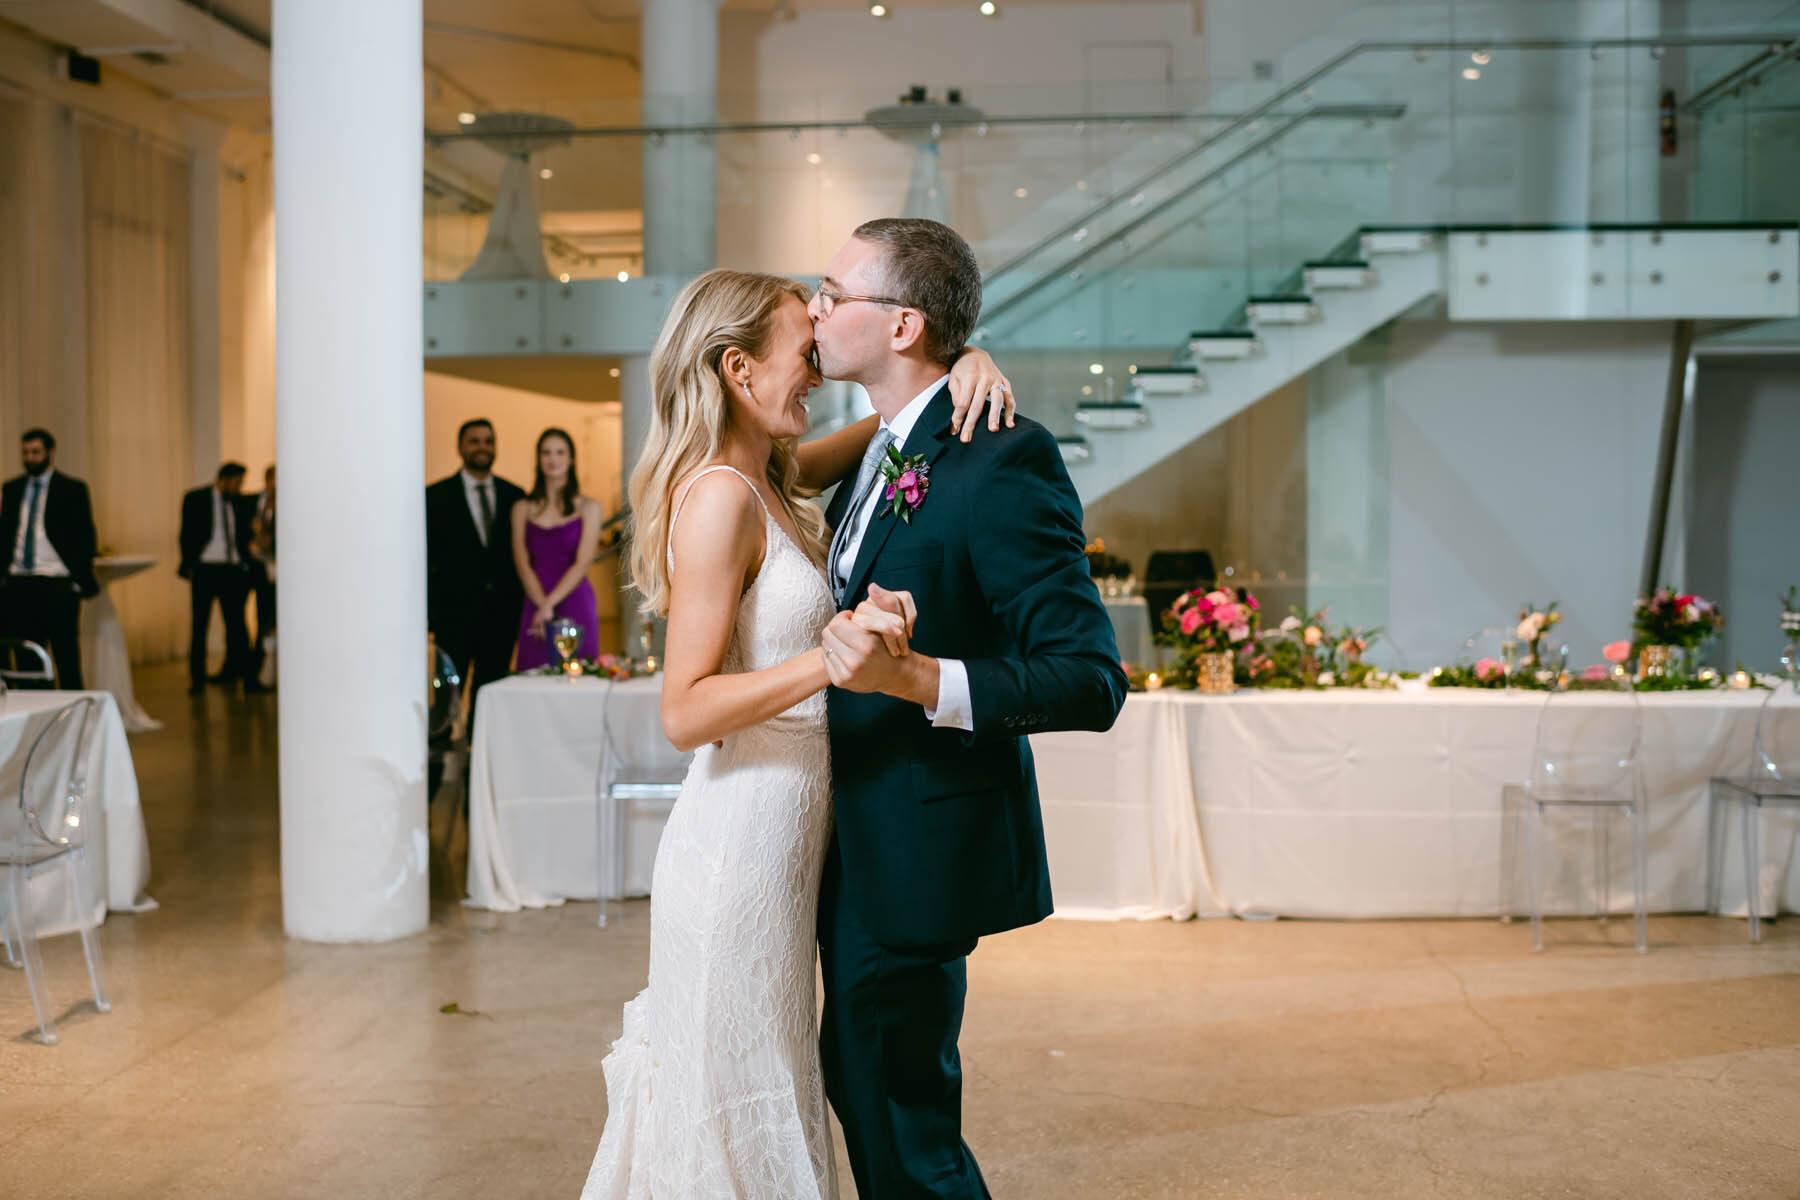 Chez wedding first dance